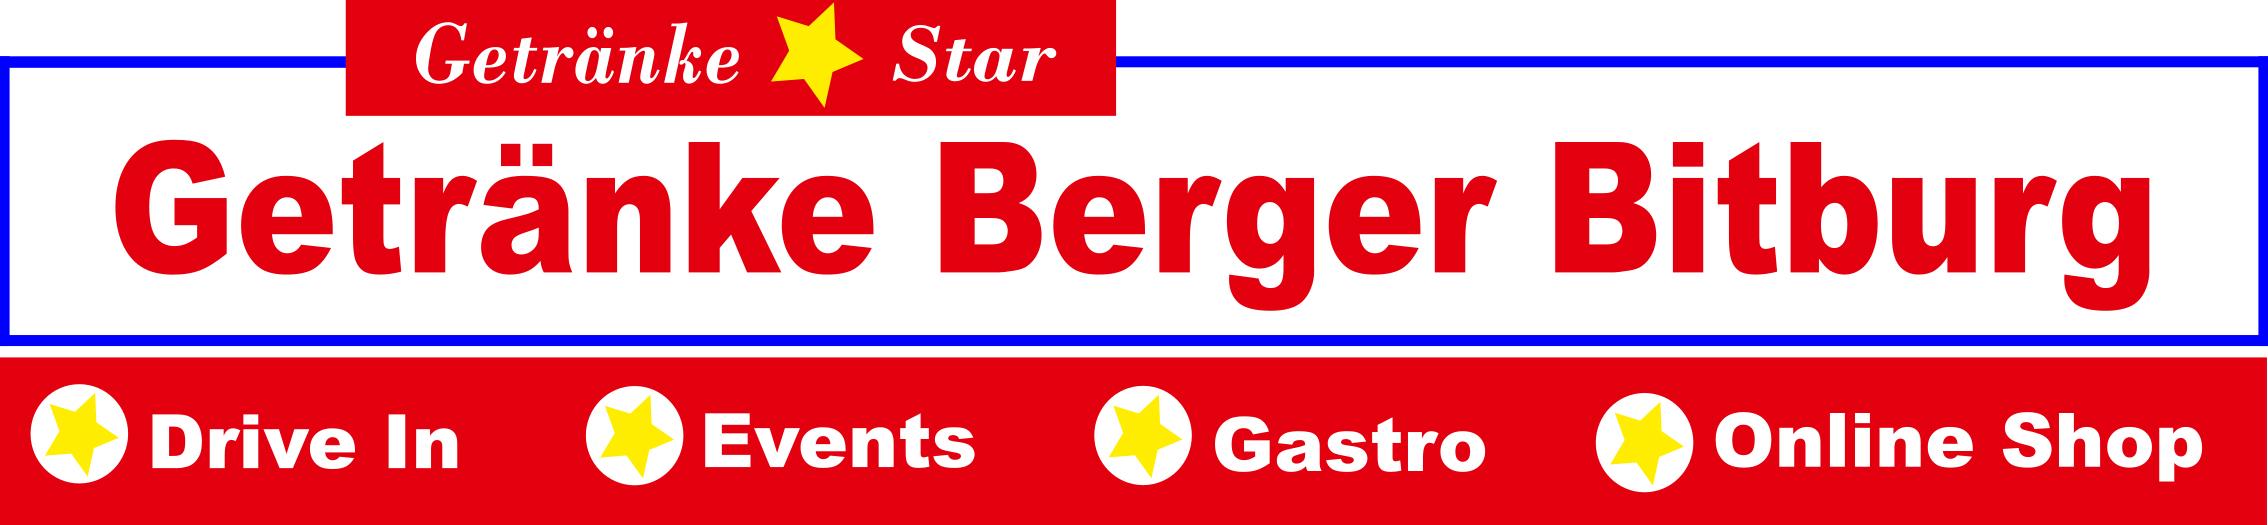 Shop Startseite Berger Bitburg